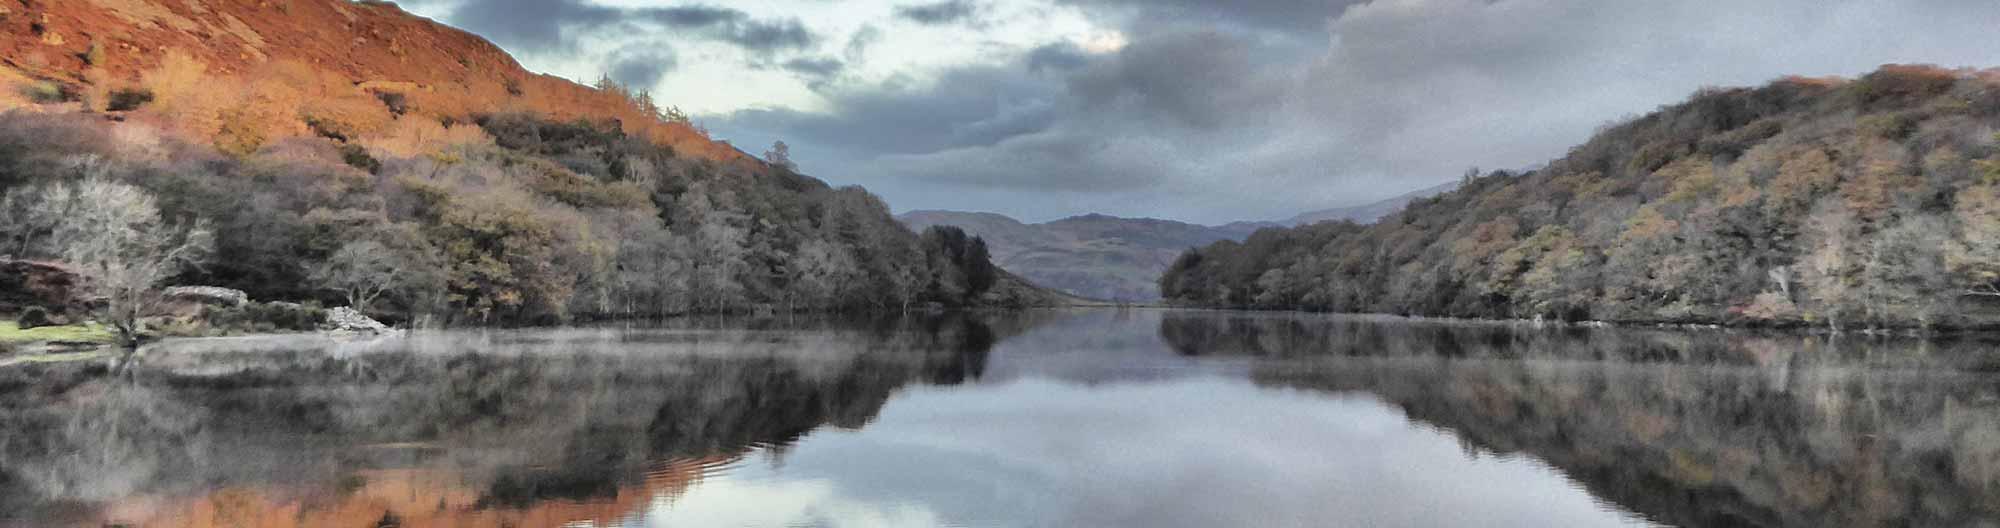 Llyn Cynwch in Autumn